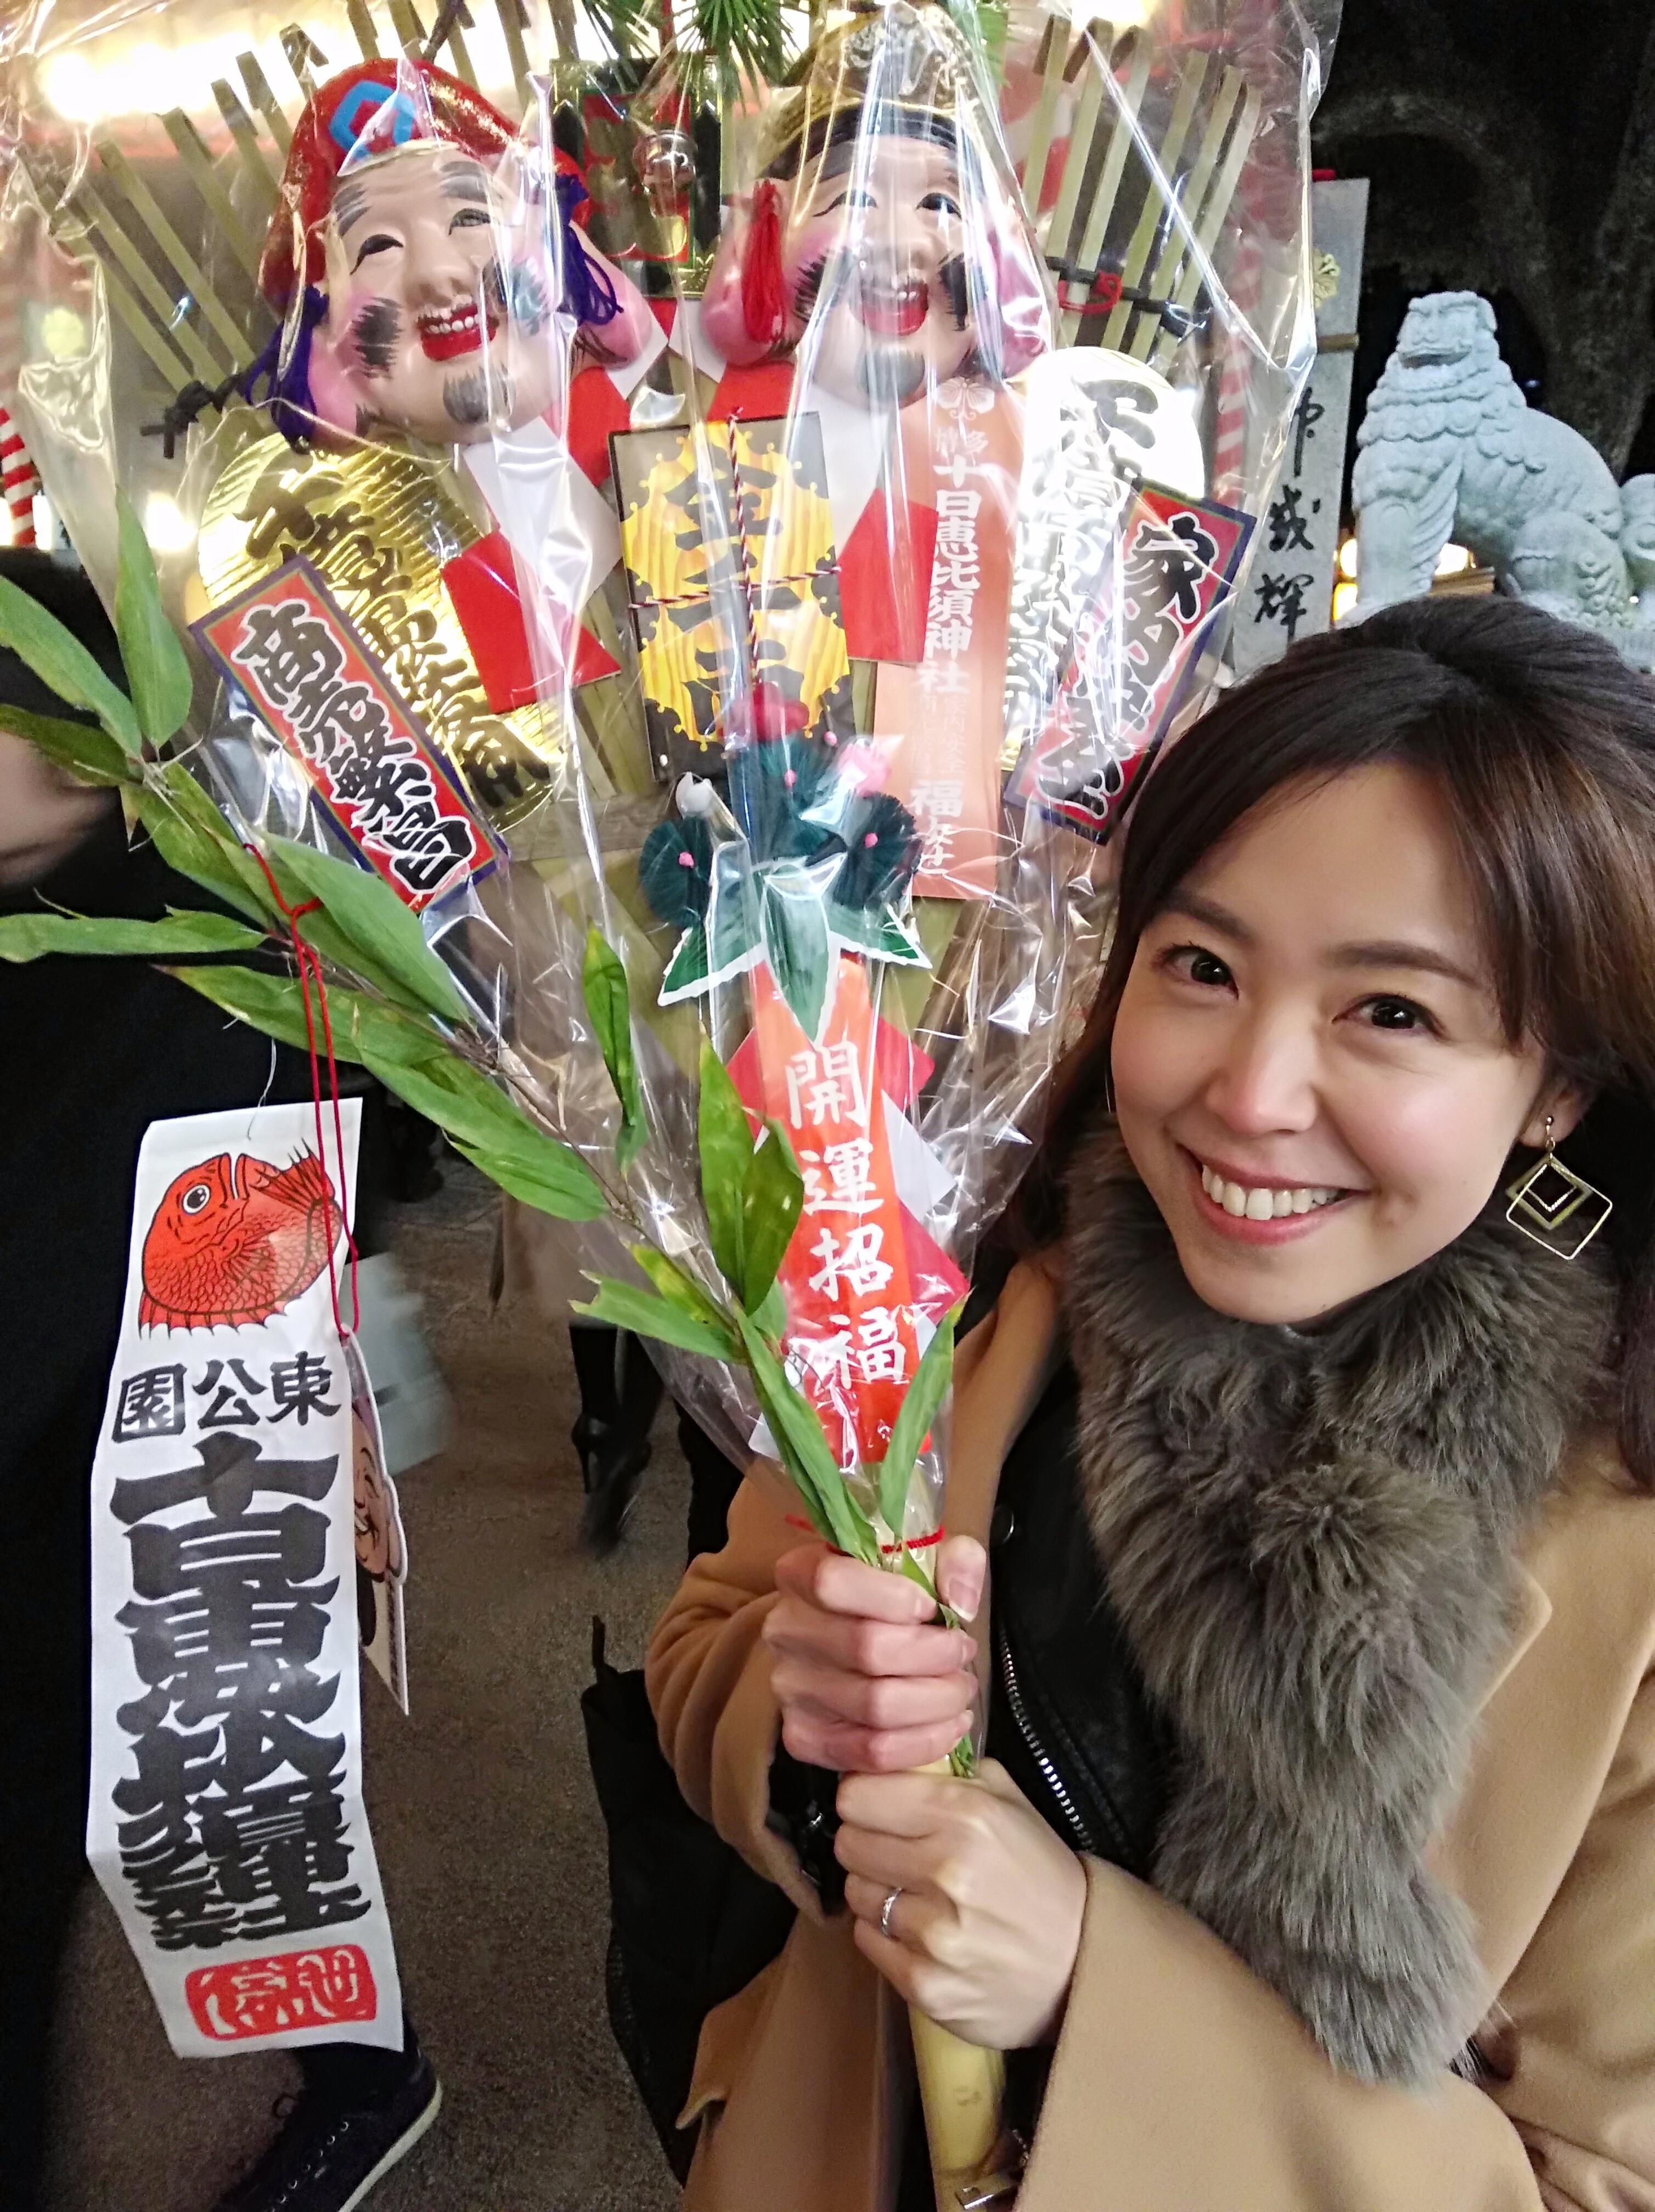 十日恵比須神社で「大当たり~」福をいただきました!